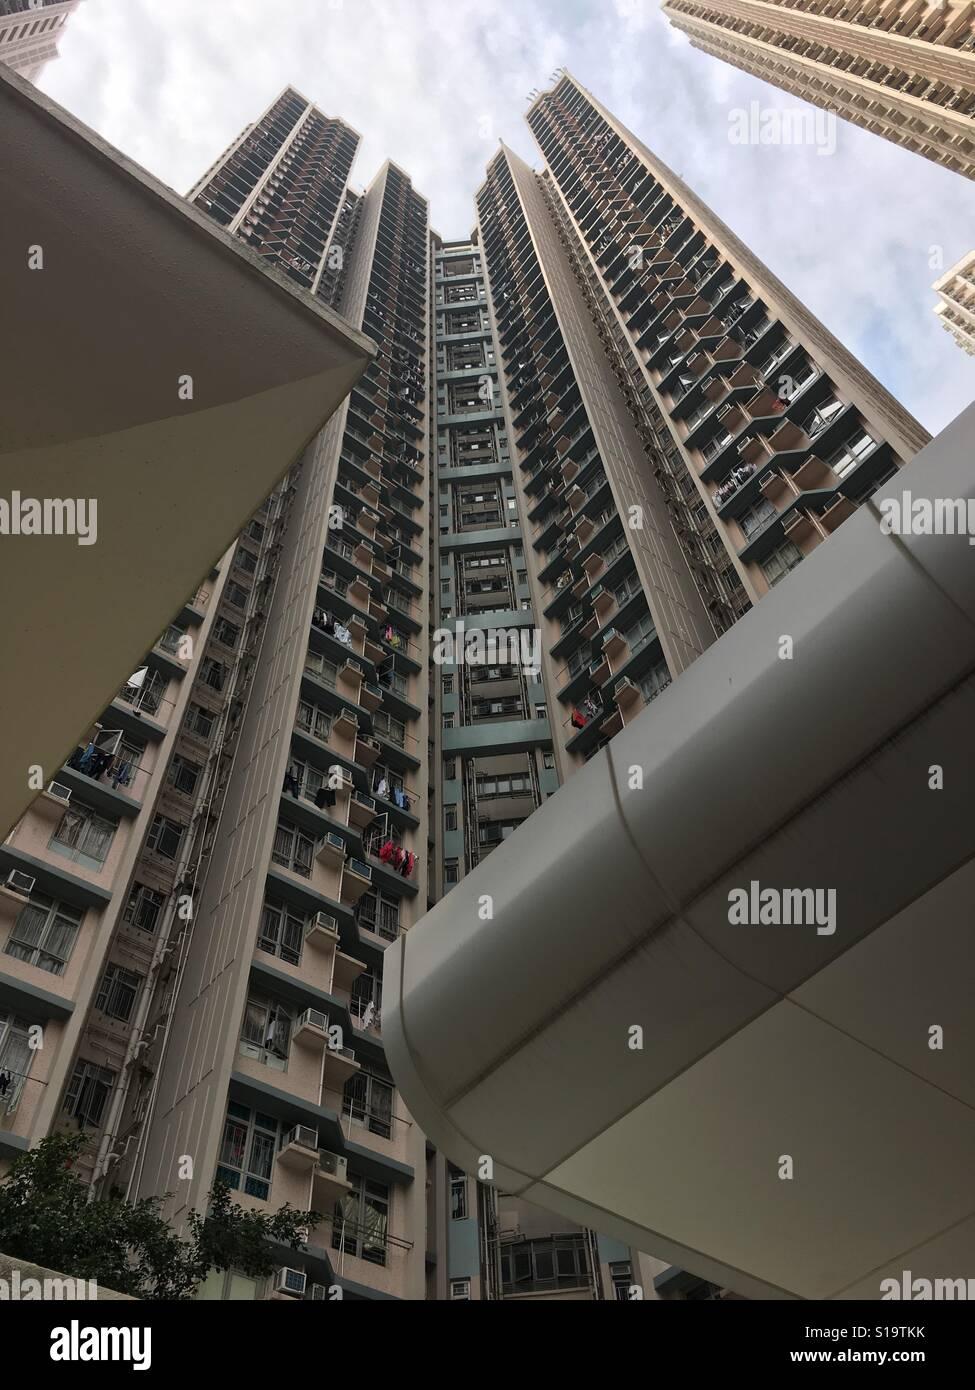 Public Housing Yau Tong Hong Kong - Stock Image